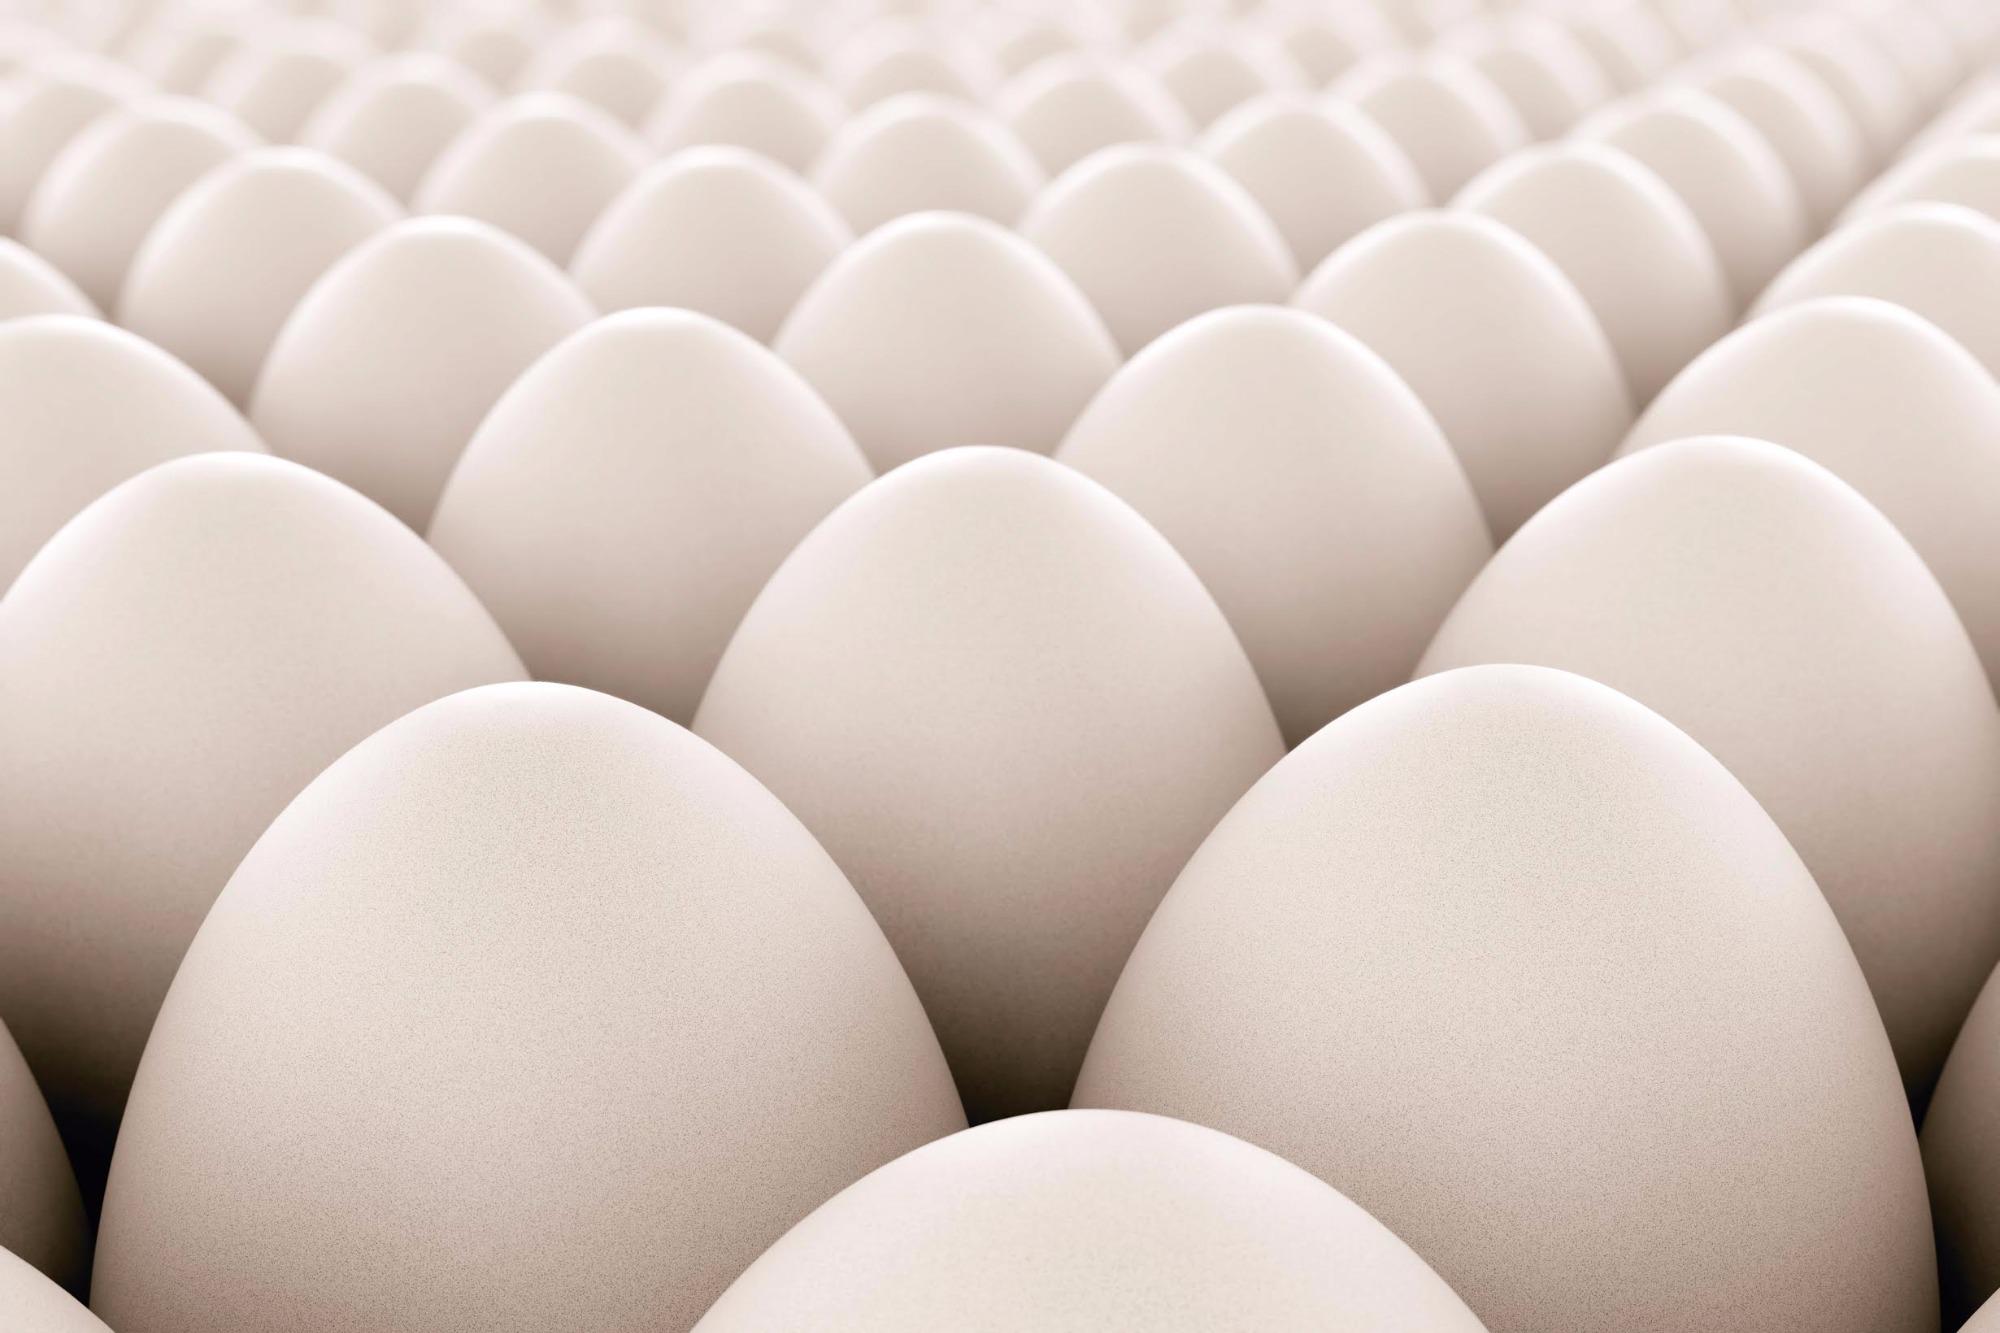 Estratégias para melhoria da qualidade da casca do ovo